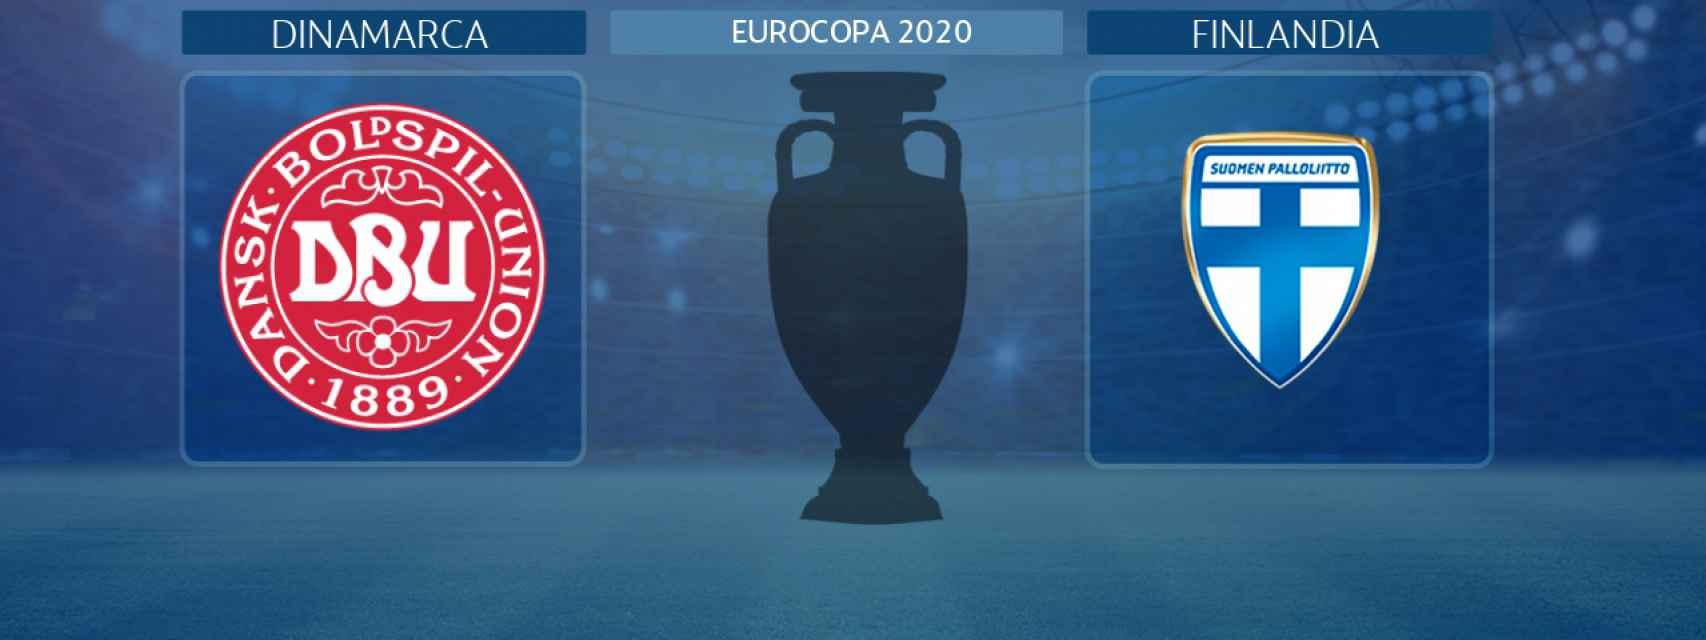 Dinamarca - Finlandia, partido de la Eurocopa 2020